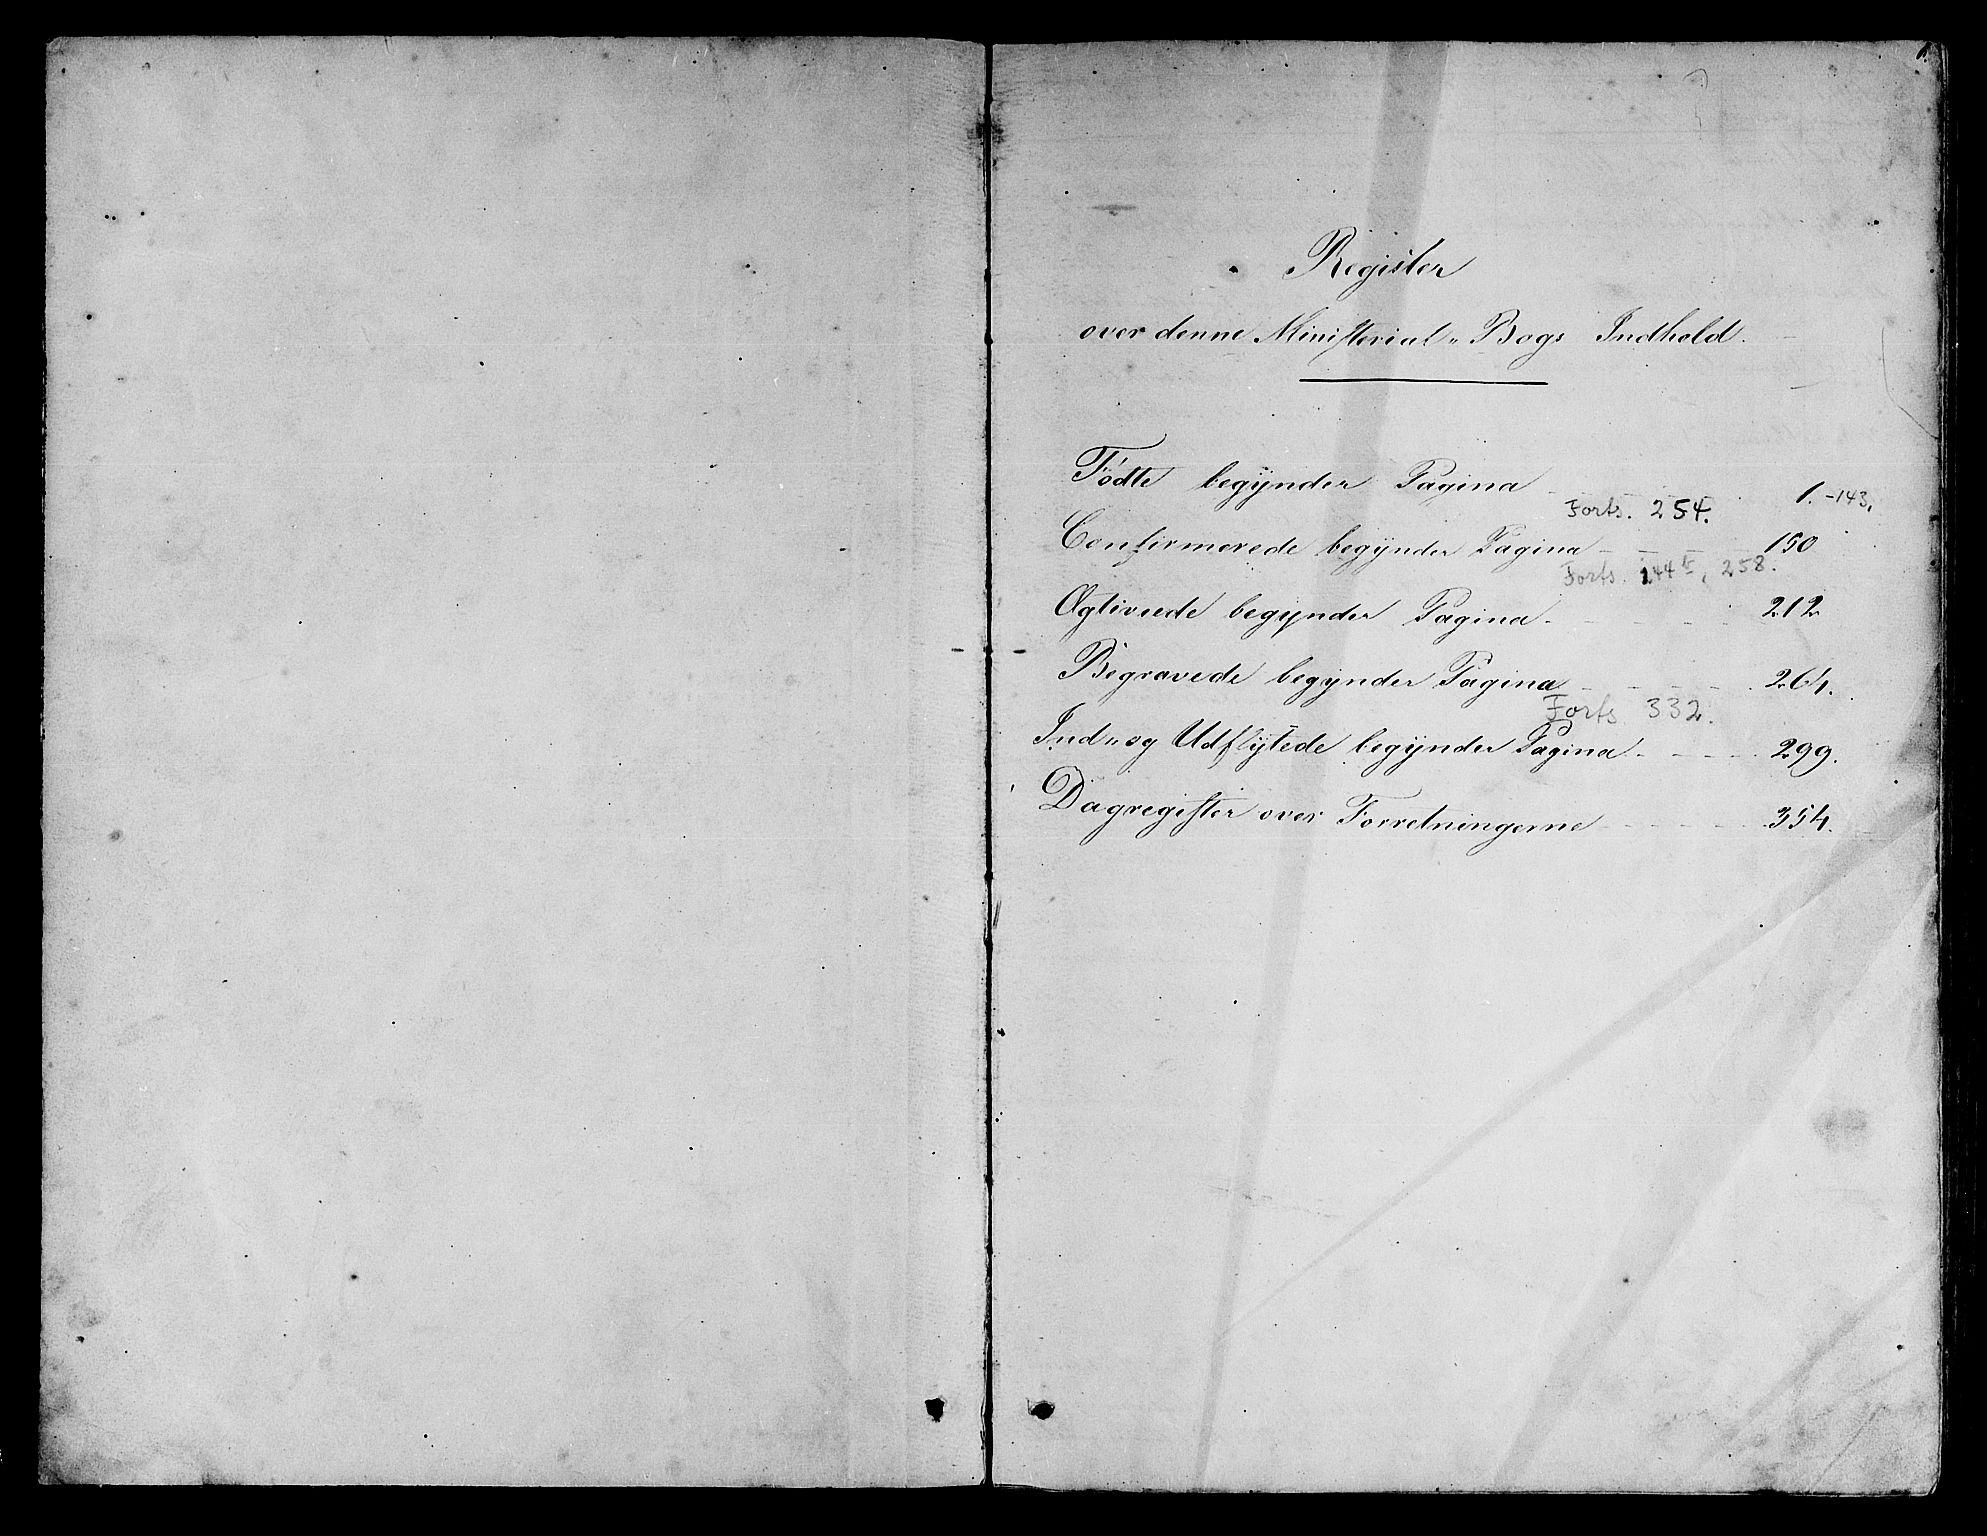 SAT, Ministerialprotokoller, klokkerbøker og fødselsregistre - Sør-Trøndelag, 606/L0311: Klokkerbok nr. 606C07, 1860-1877, s. 1